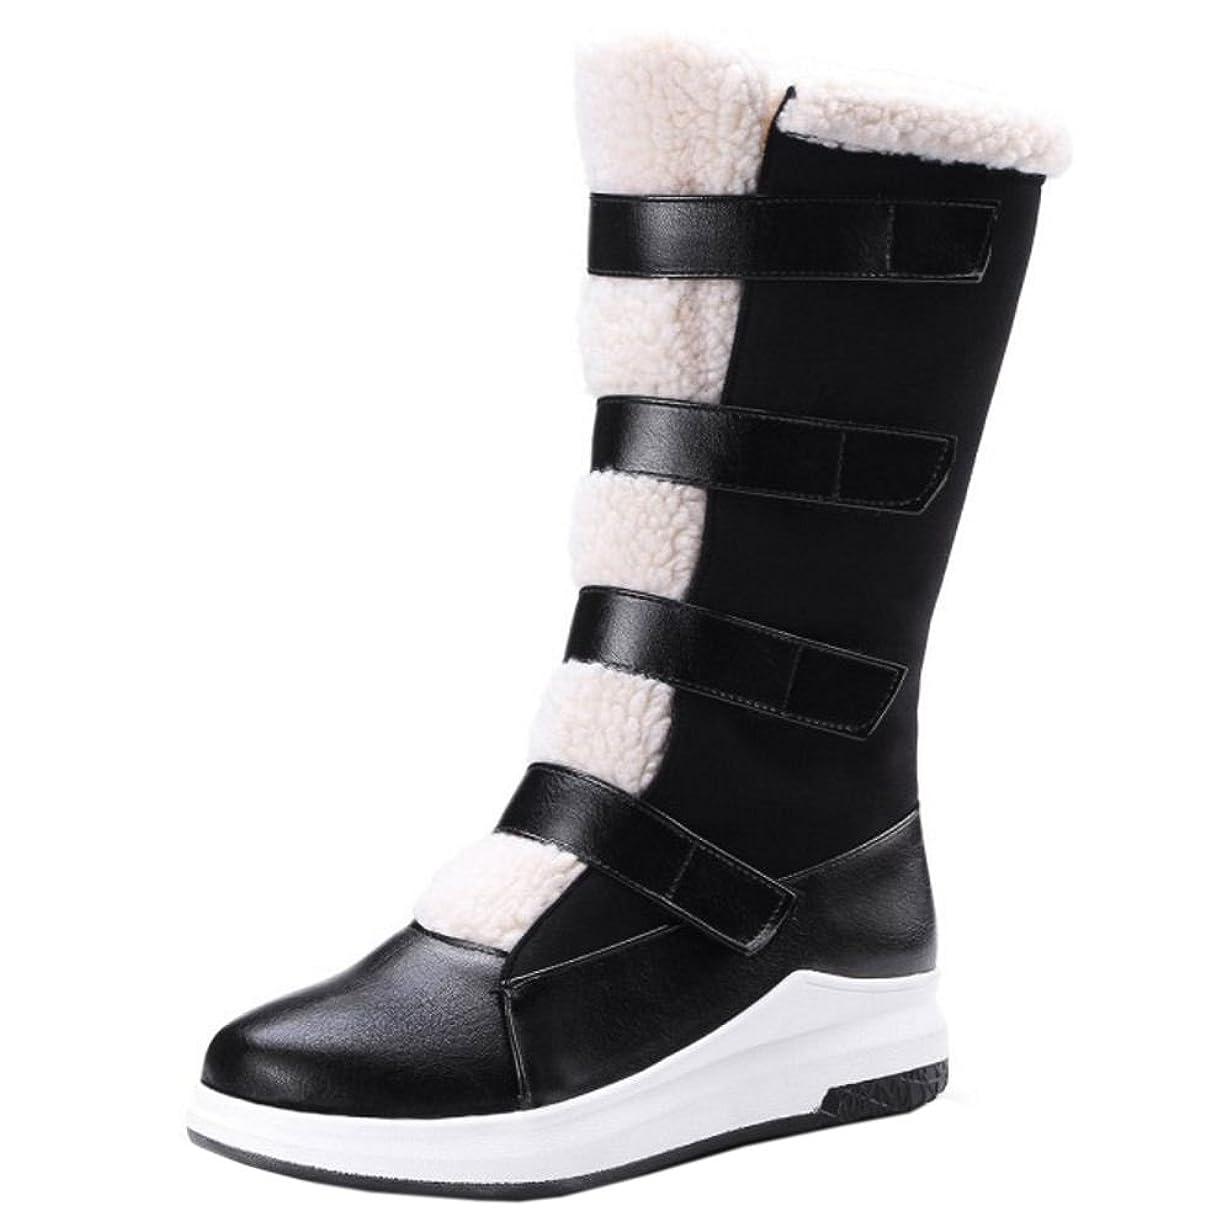 金銭的大胆不敵不測の事態COOLCEPT レディース コンフォート ショートブーツ防寒靴 マジックテープ